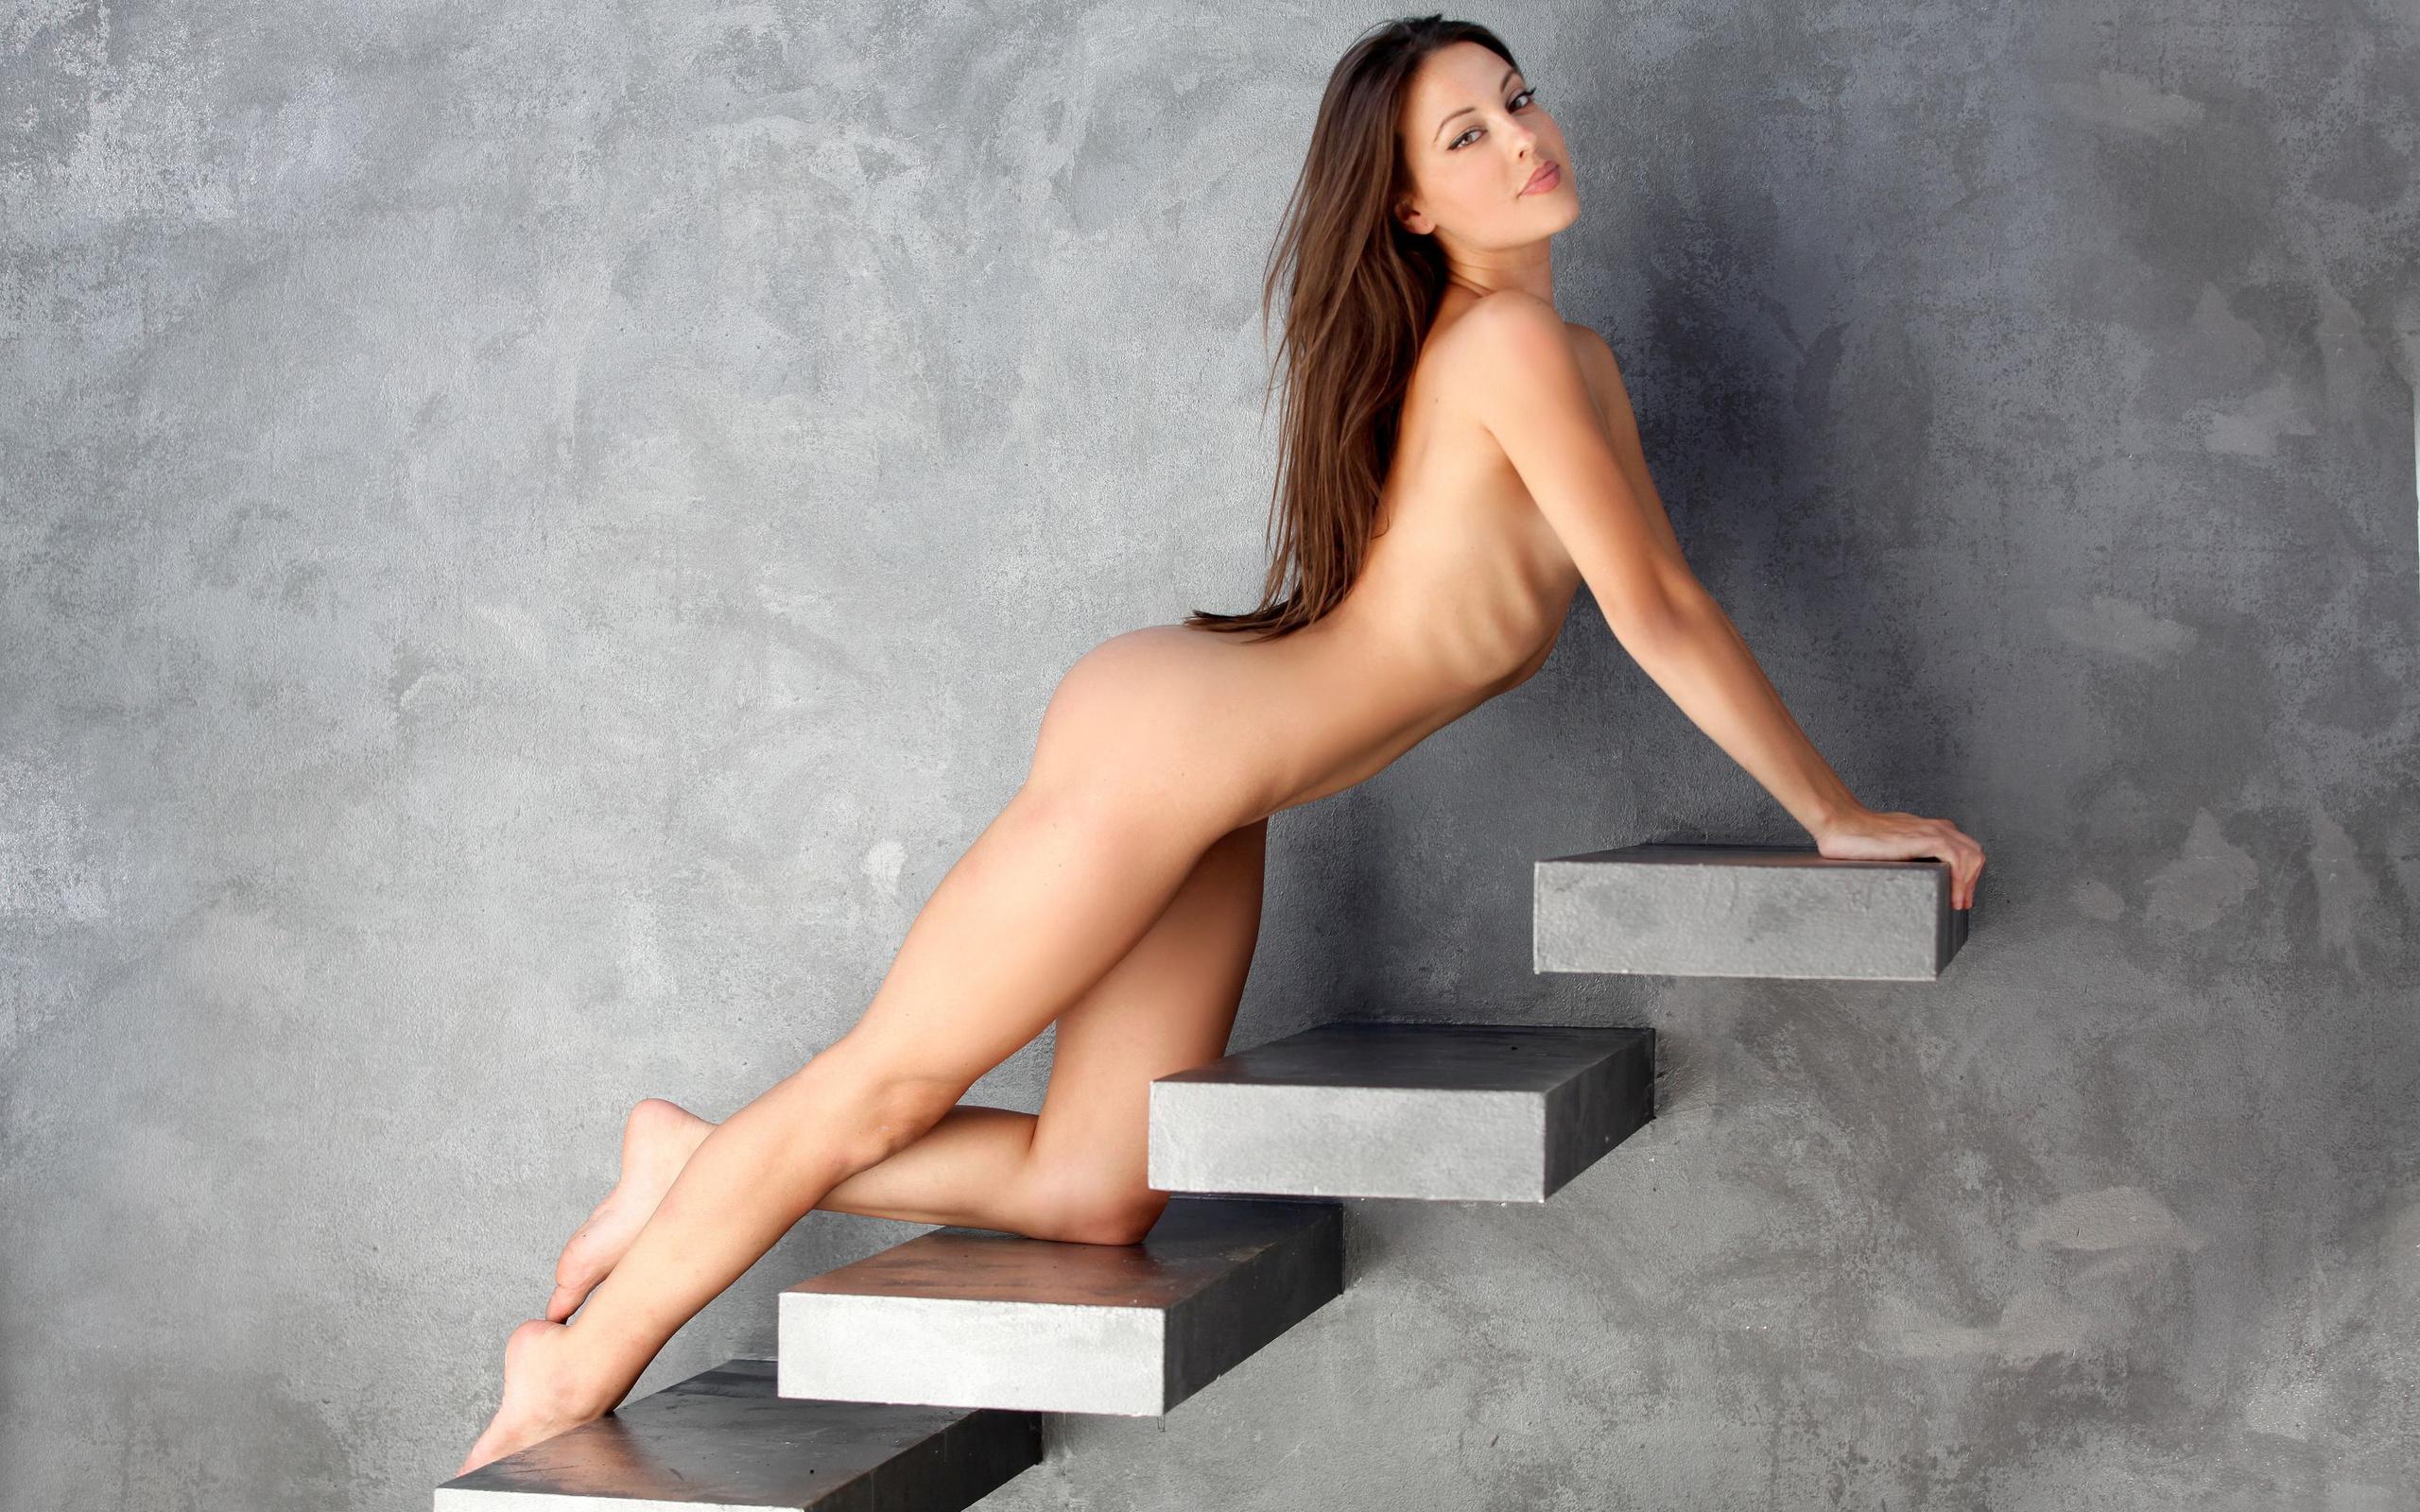 Девушка На Лестнице Эротика